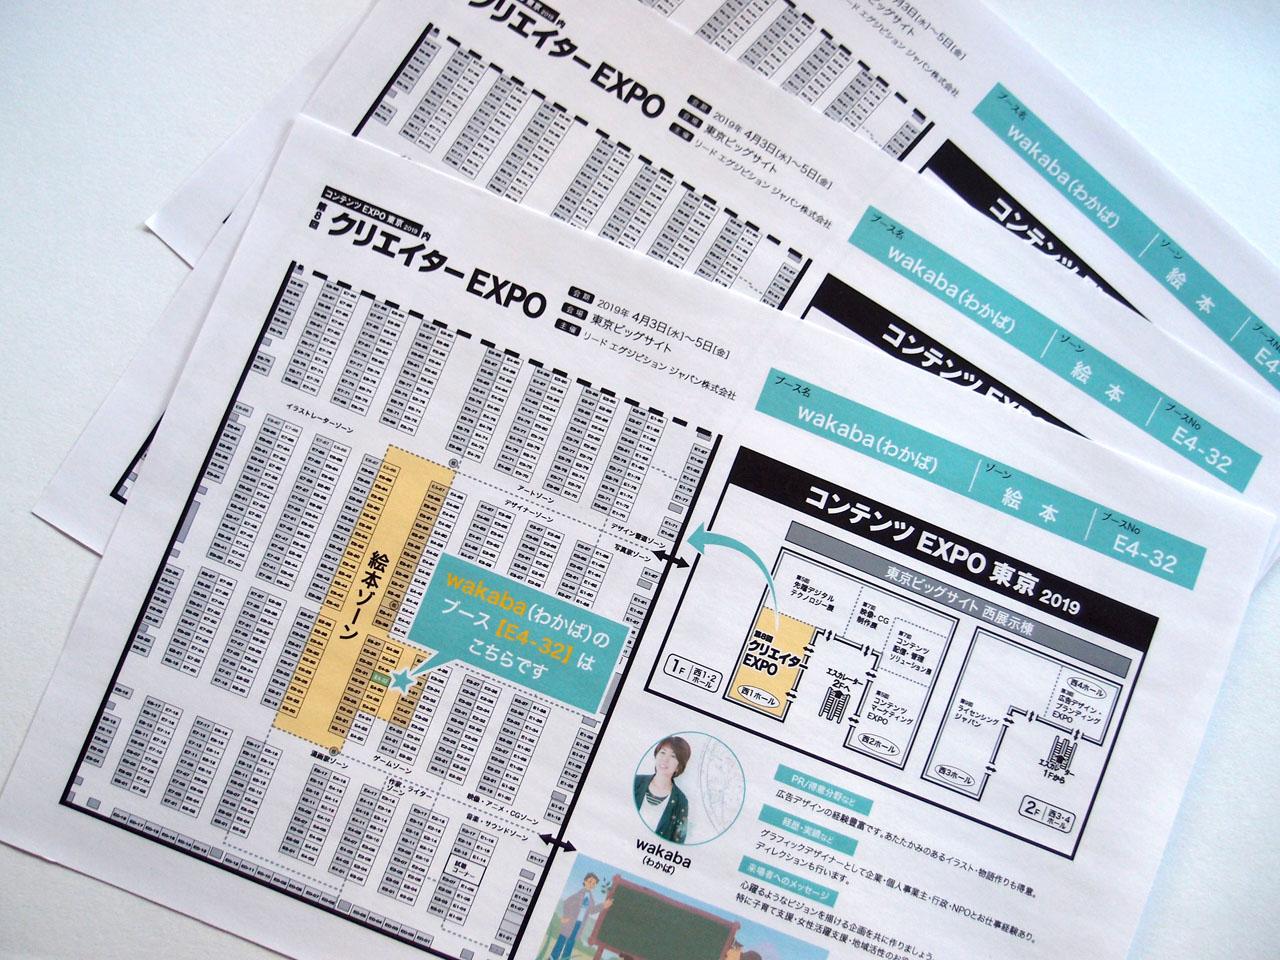 クリエイターEXPO招待券に同封したブース配置図